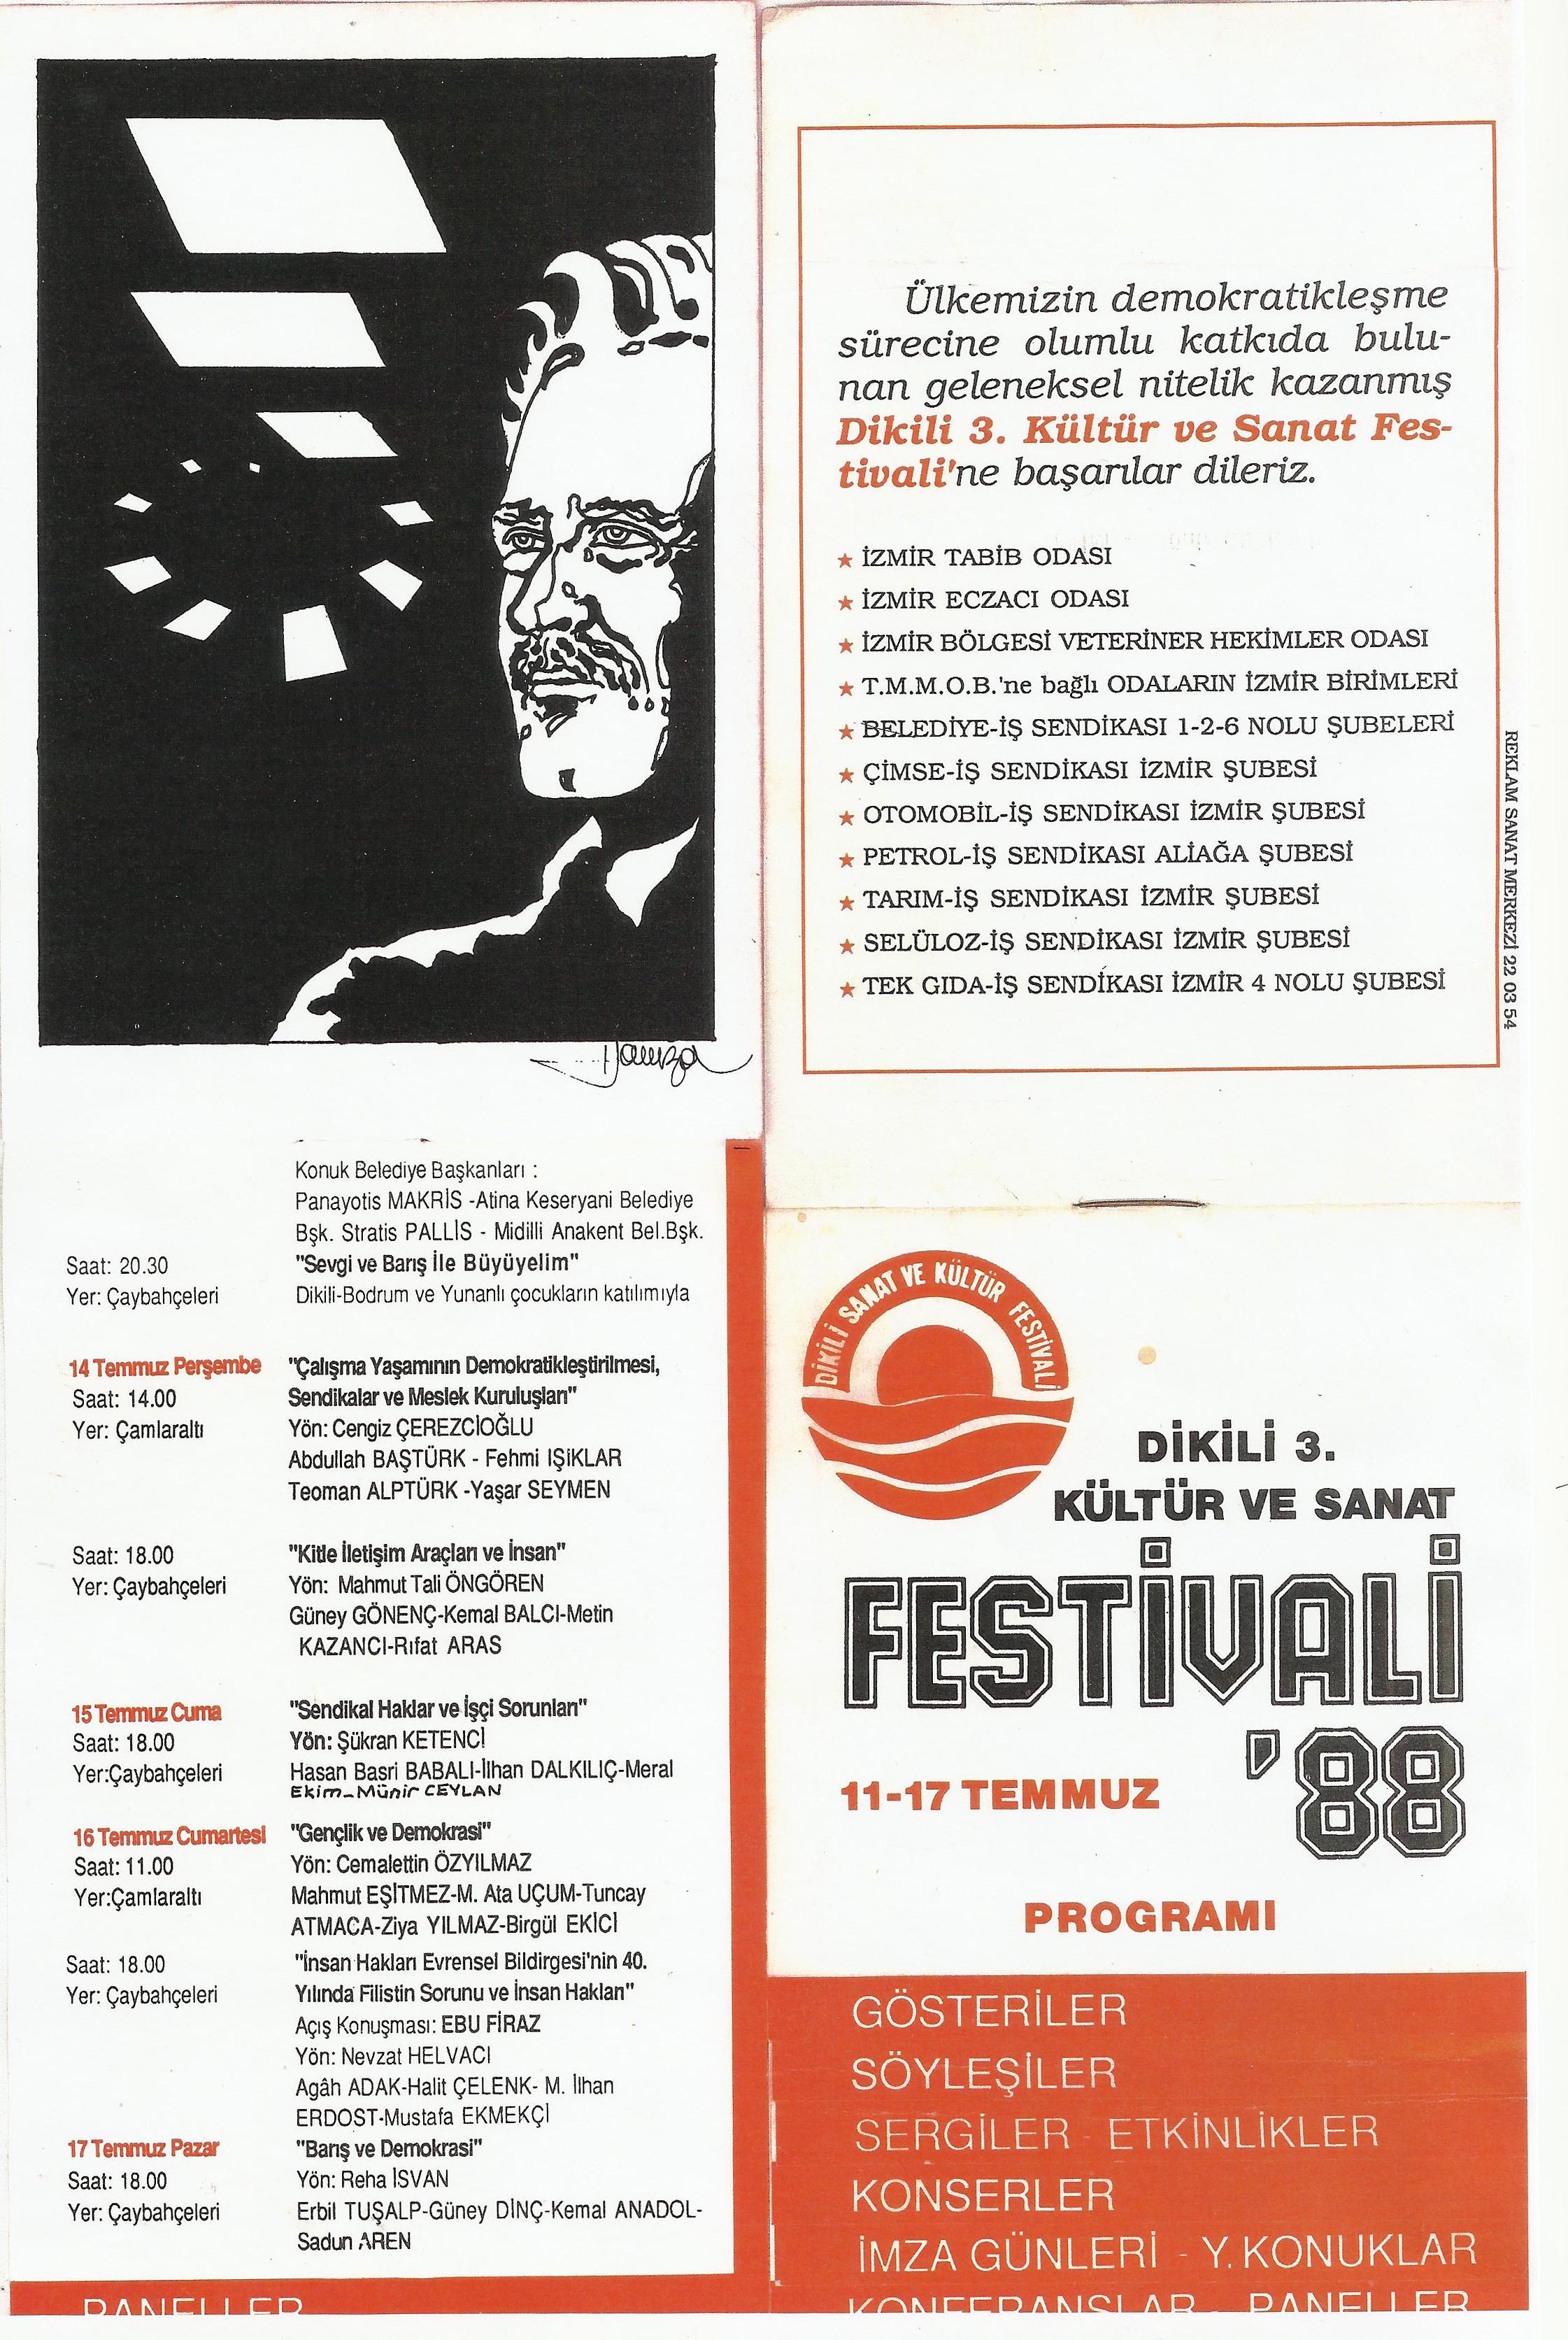 brosur-1988-07-11-ucuncu-dikili-festivali.jpg